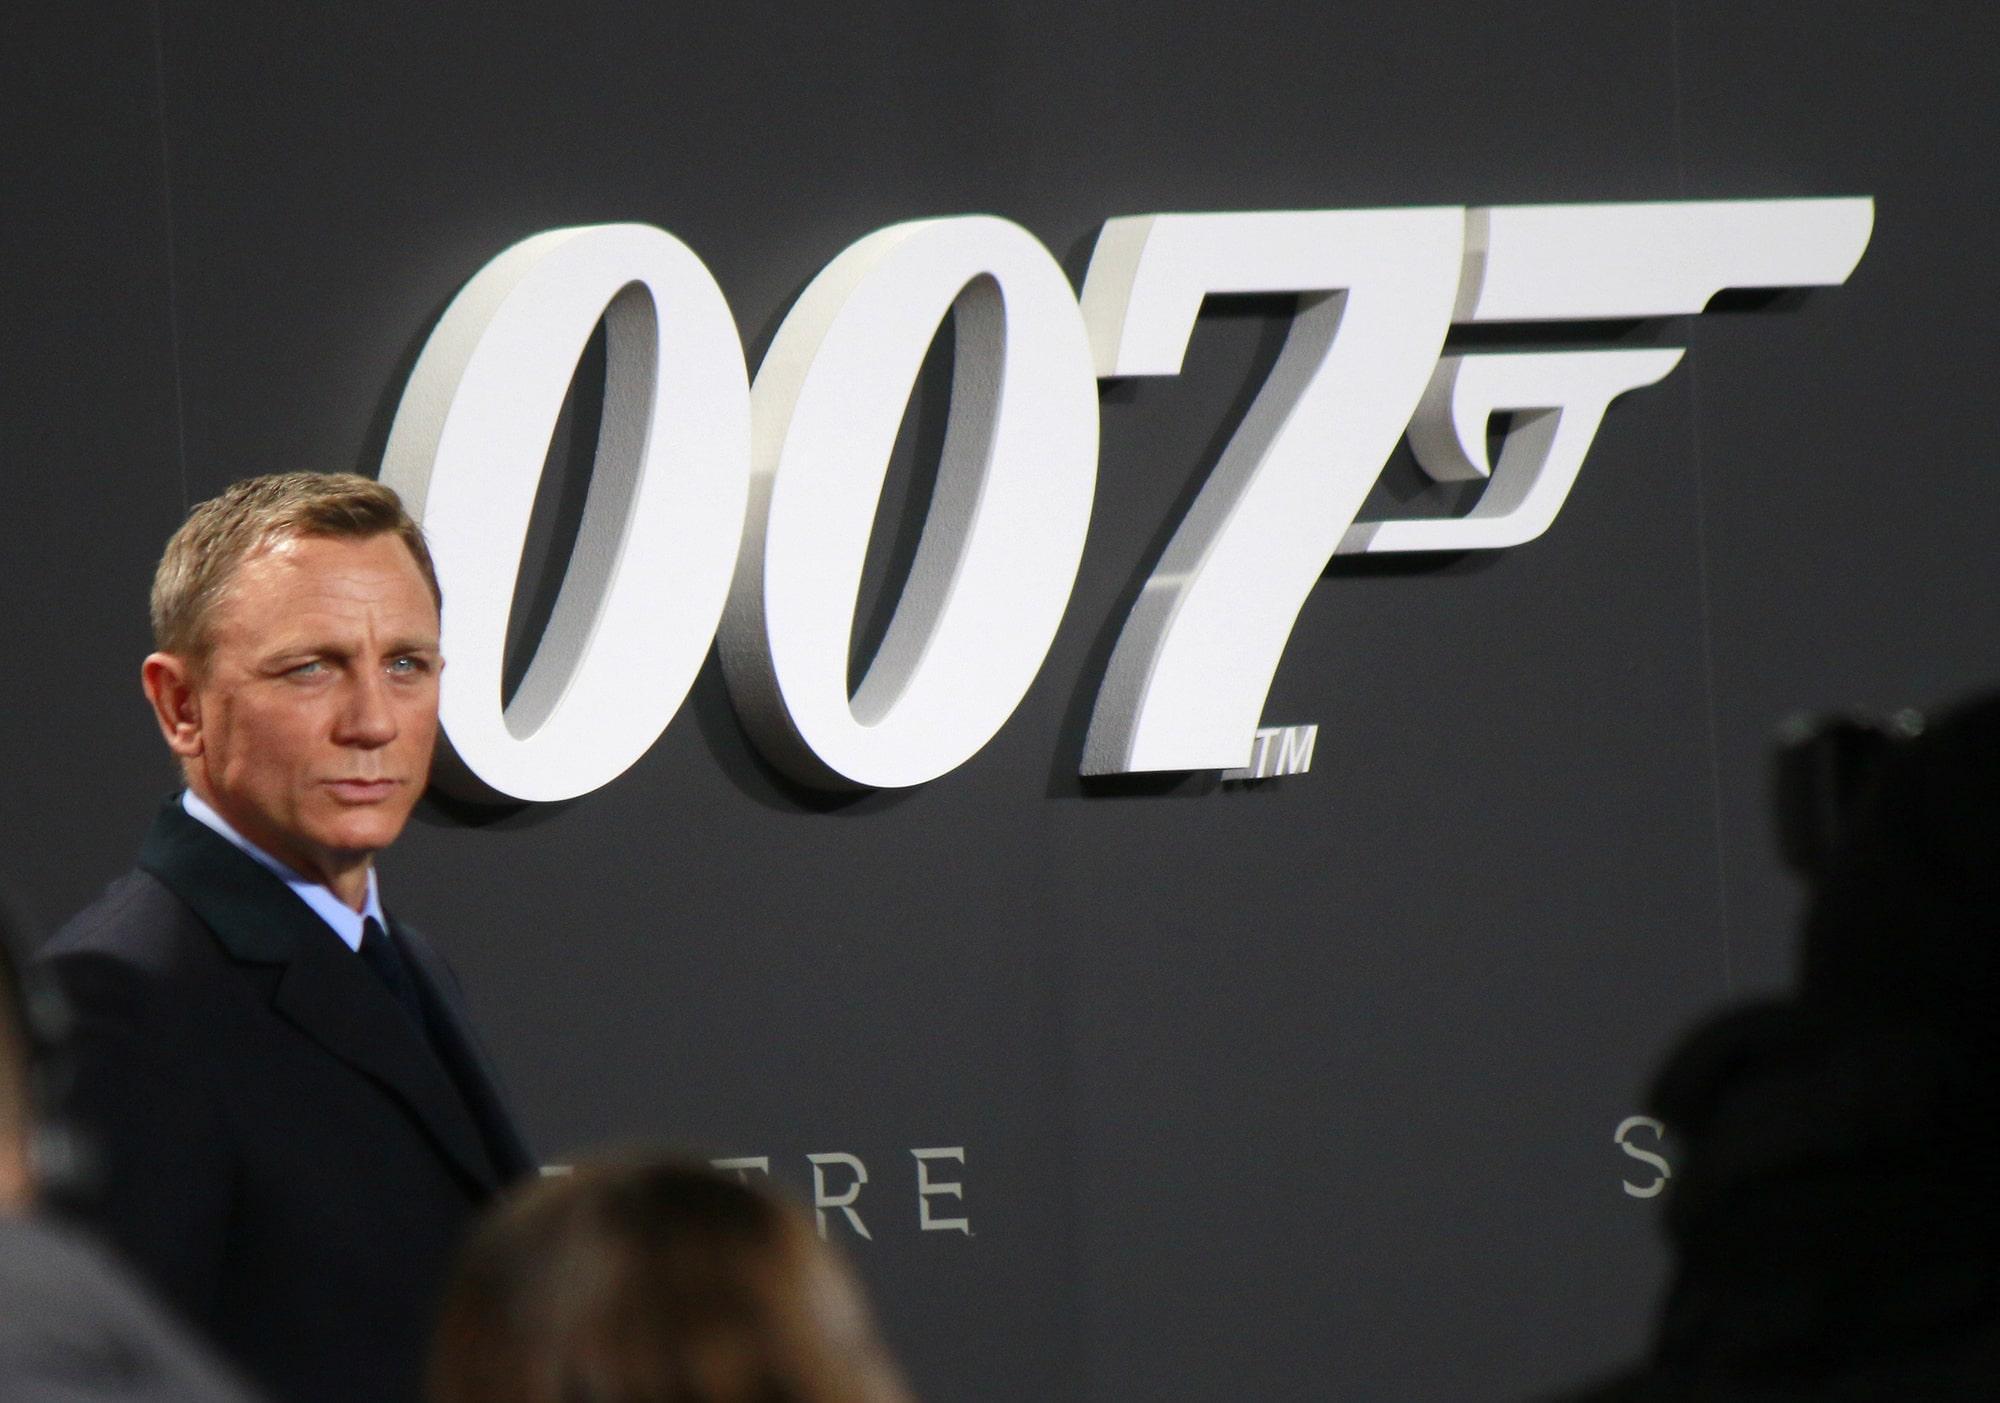 Крупная сеть кинотеатров объявила о закрытии кинозалов после переноса премьеры нового фильма о Бонде